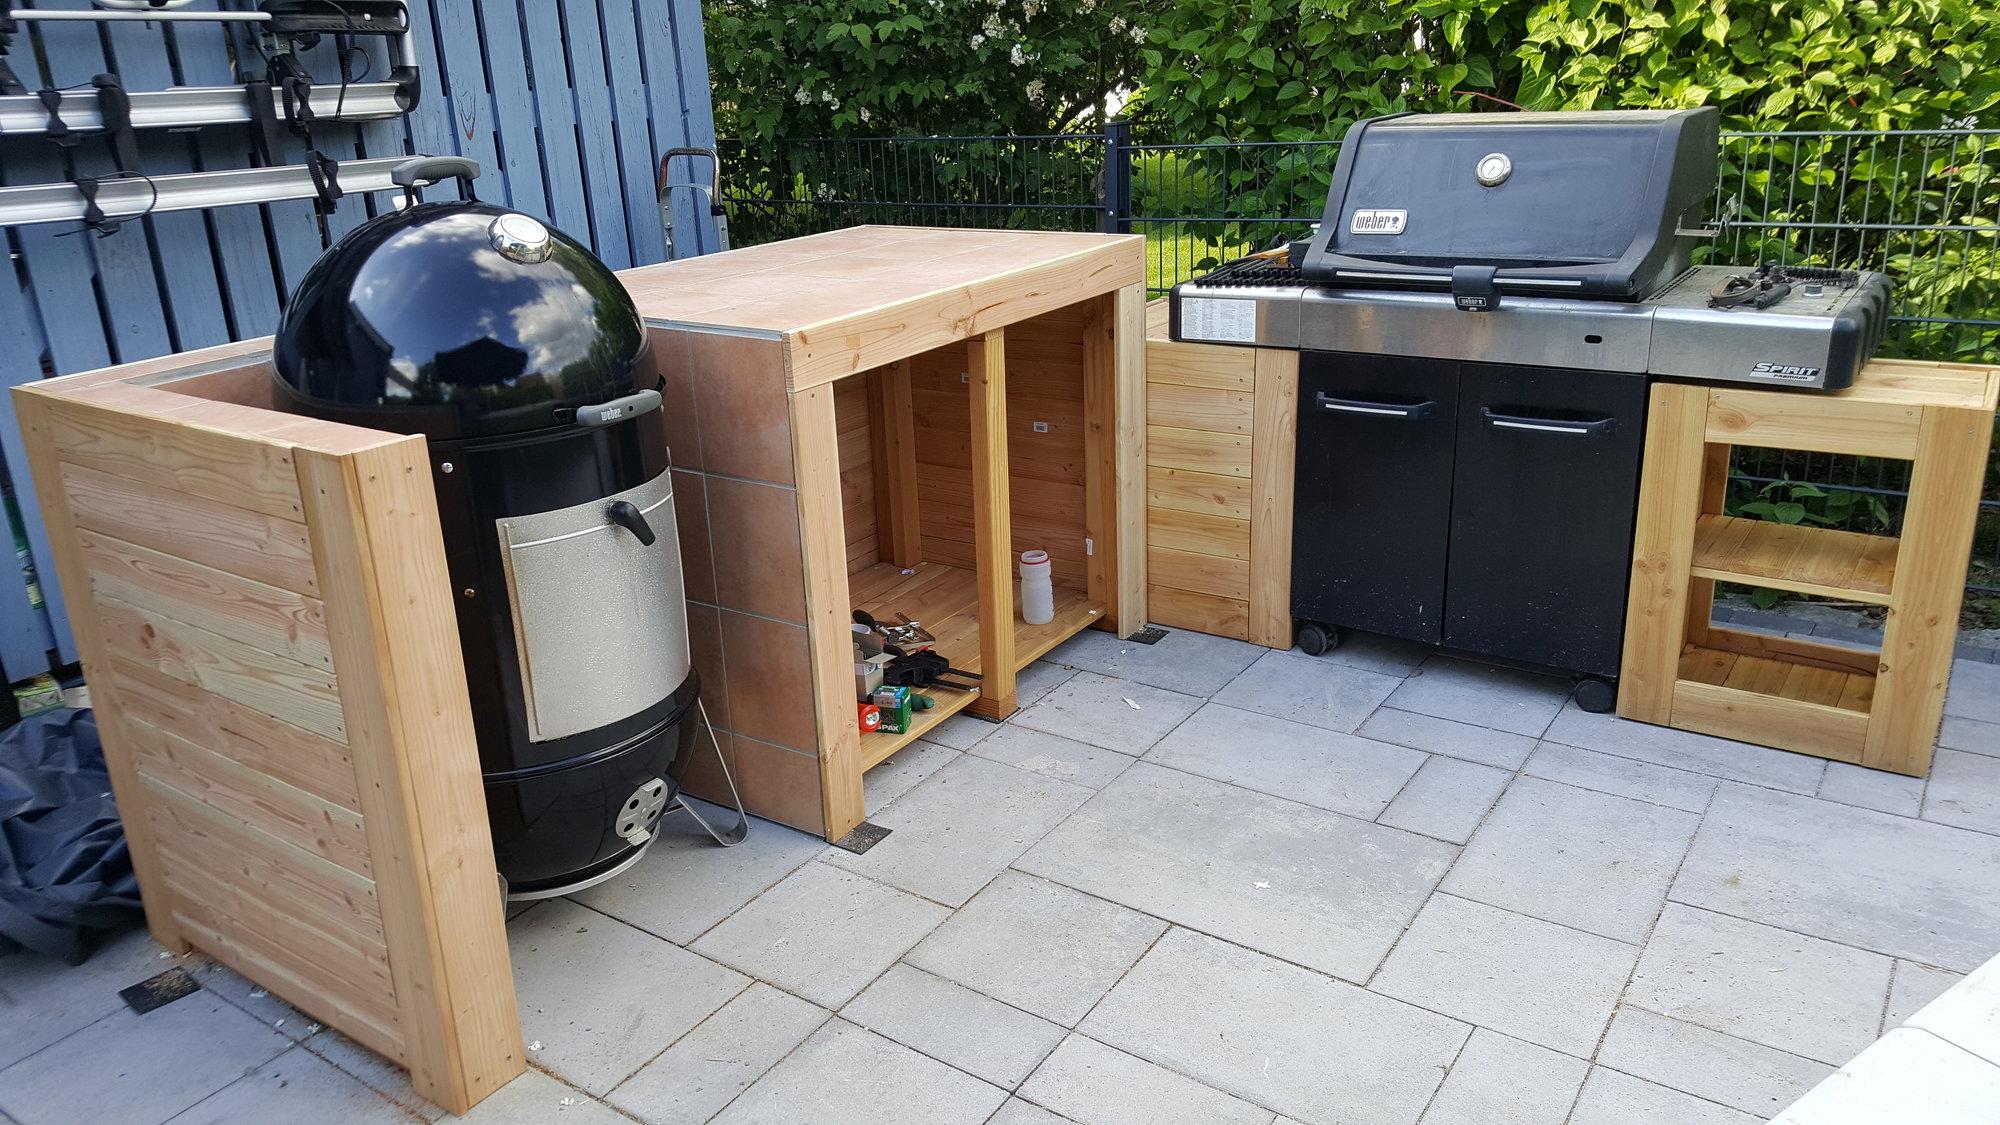 Outdoor Küche Grillsportverein : Kleine outdoorküche in holzrahmenbauweiseseite 2 grillforum und